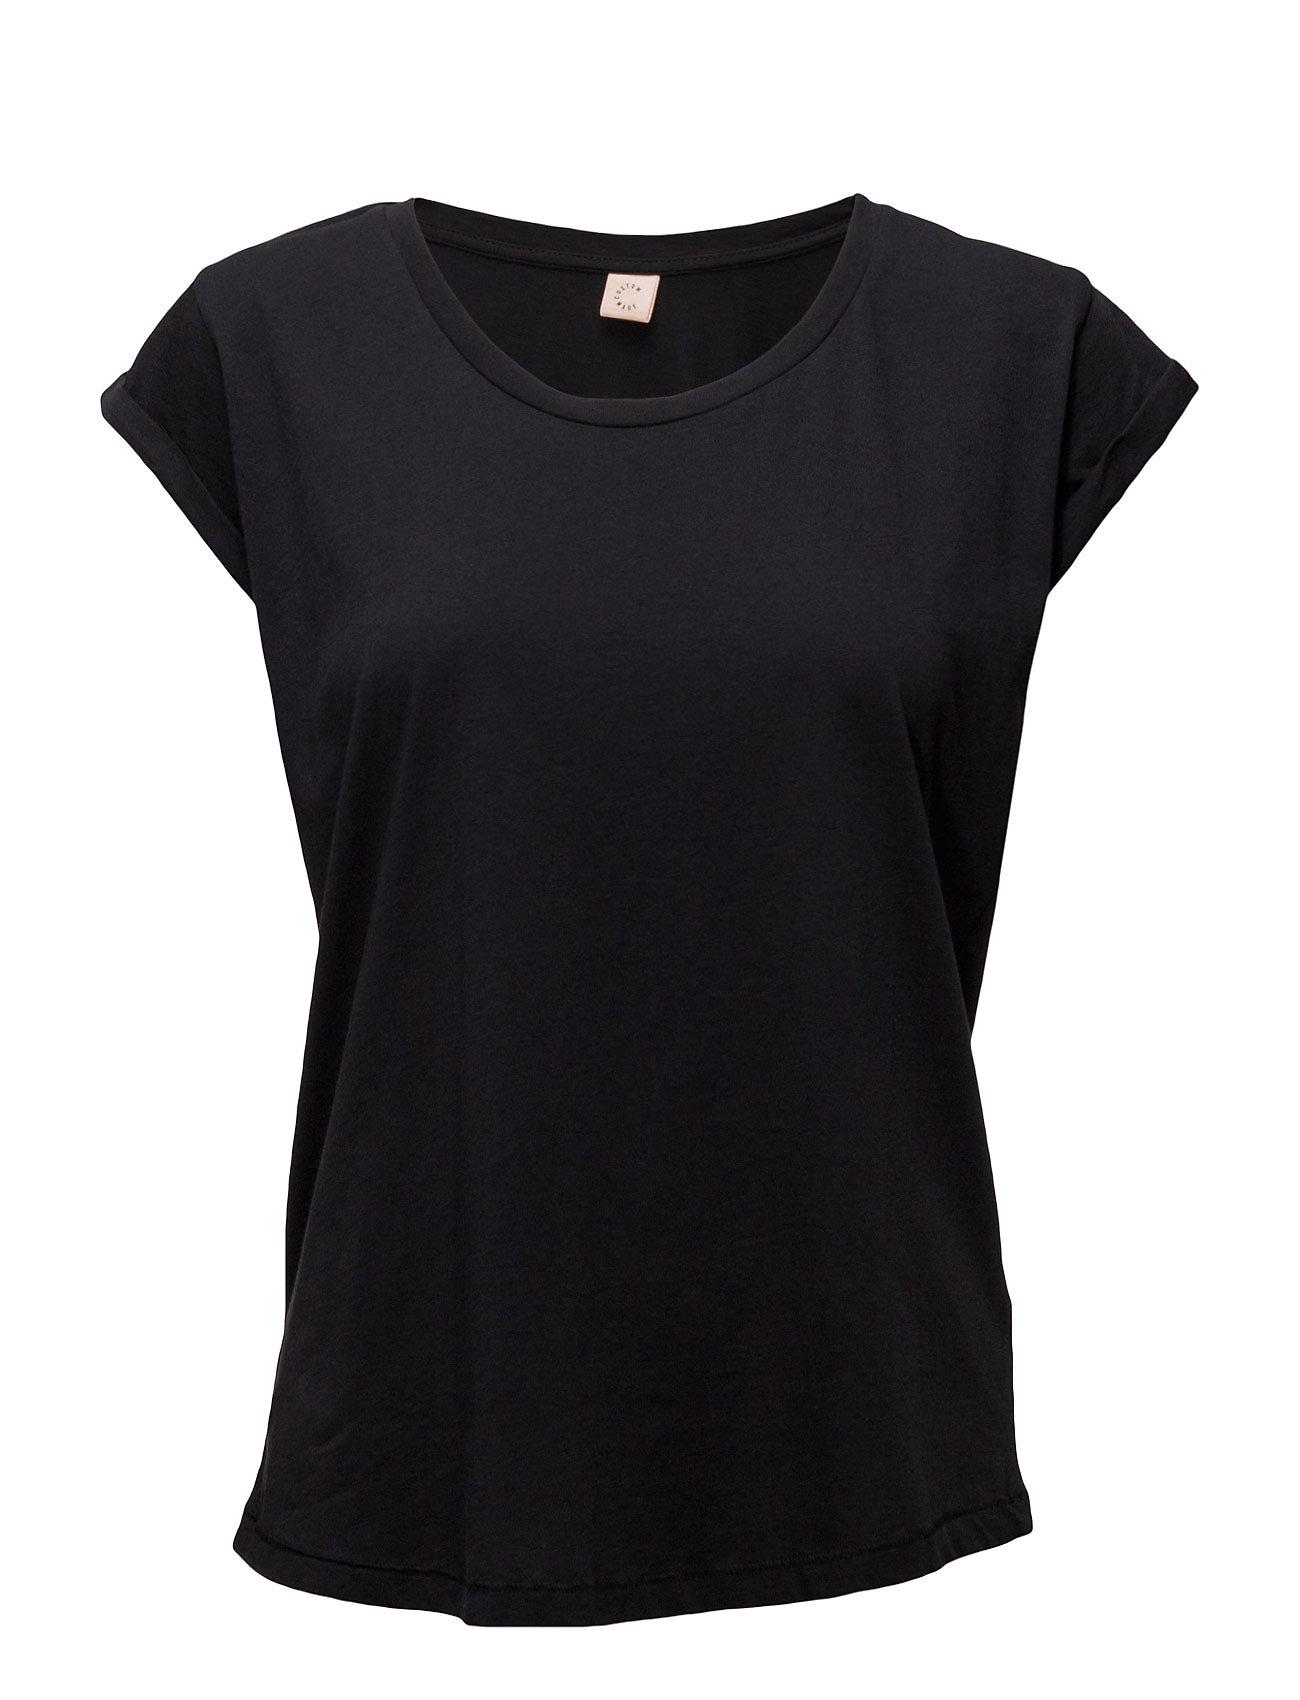 Lonnie Custommade T-shirts & toppe til Kvinder i Antracit sort